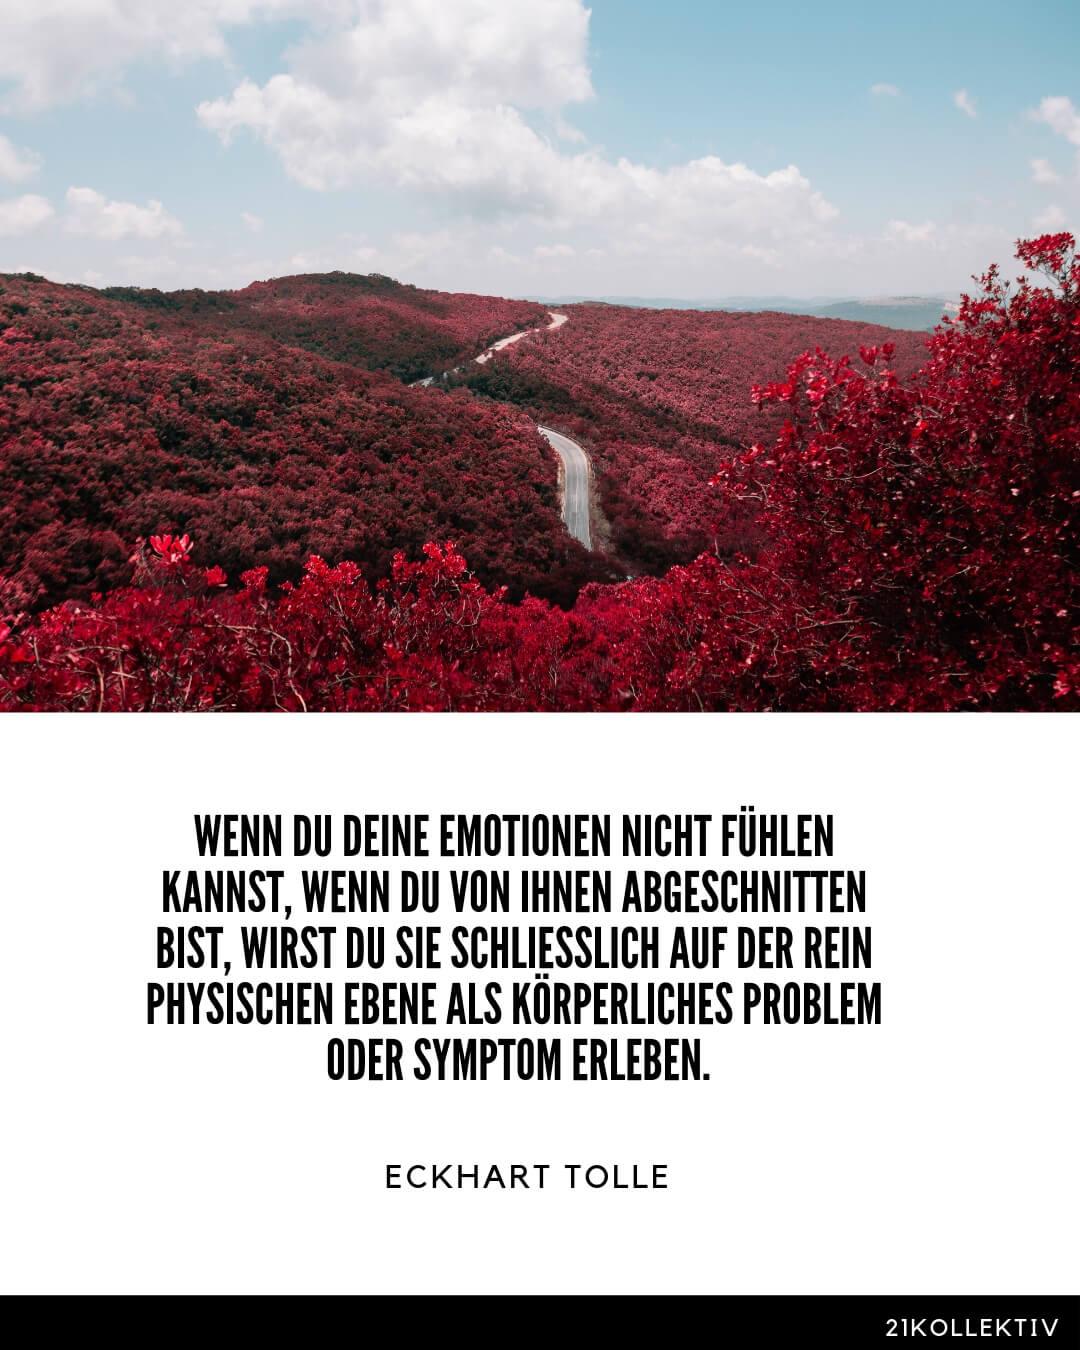 Wenn du deine Emotionen nicht fühlen kannst, wenn du von ihnen abgeschnitten bist, wirst du sie schließlich auf der rein physischen Ebene als körperliches Problem oder Symptom erleben. – Eckhart Tolle